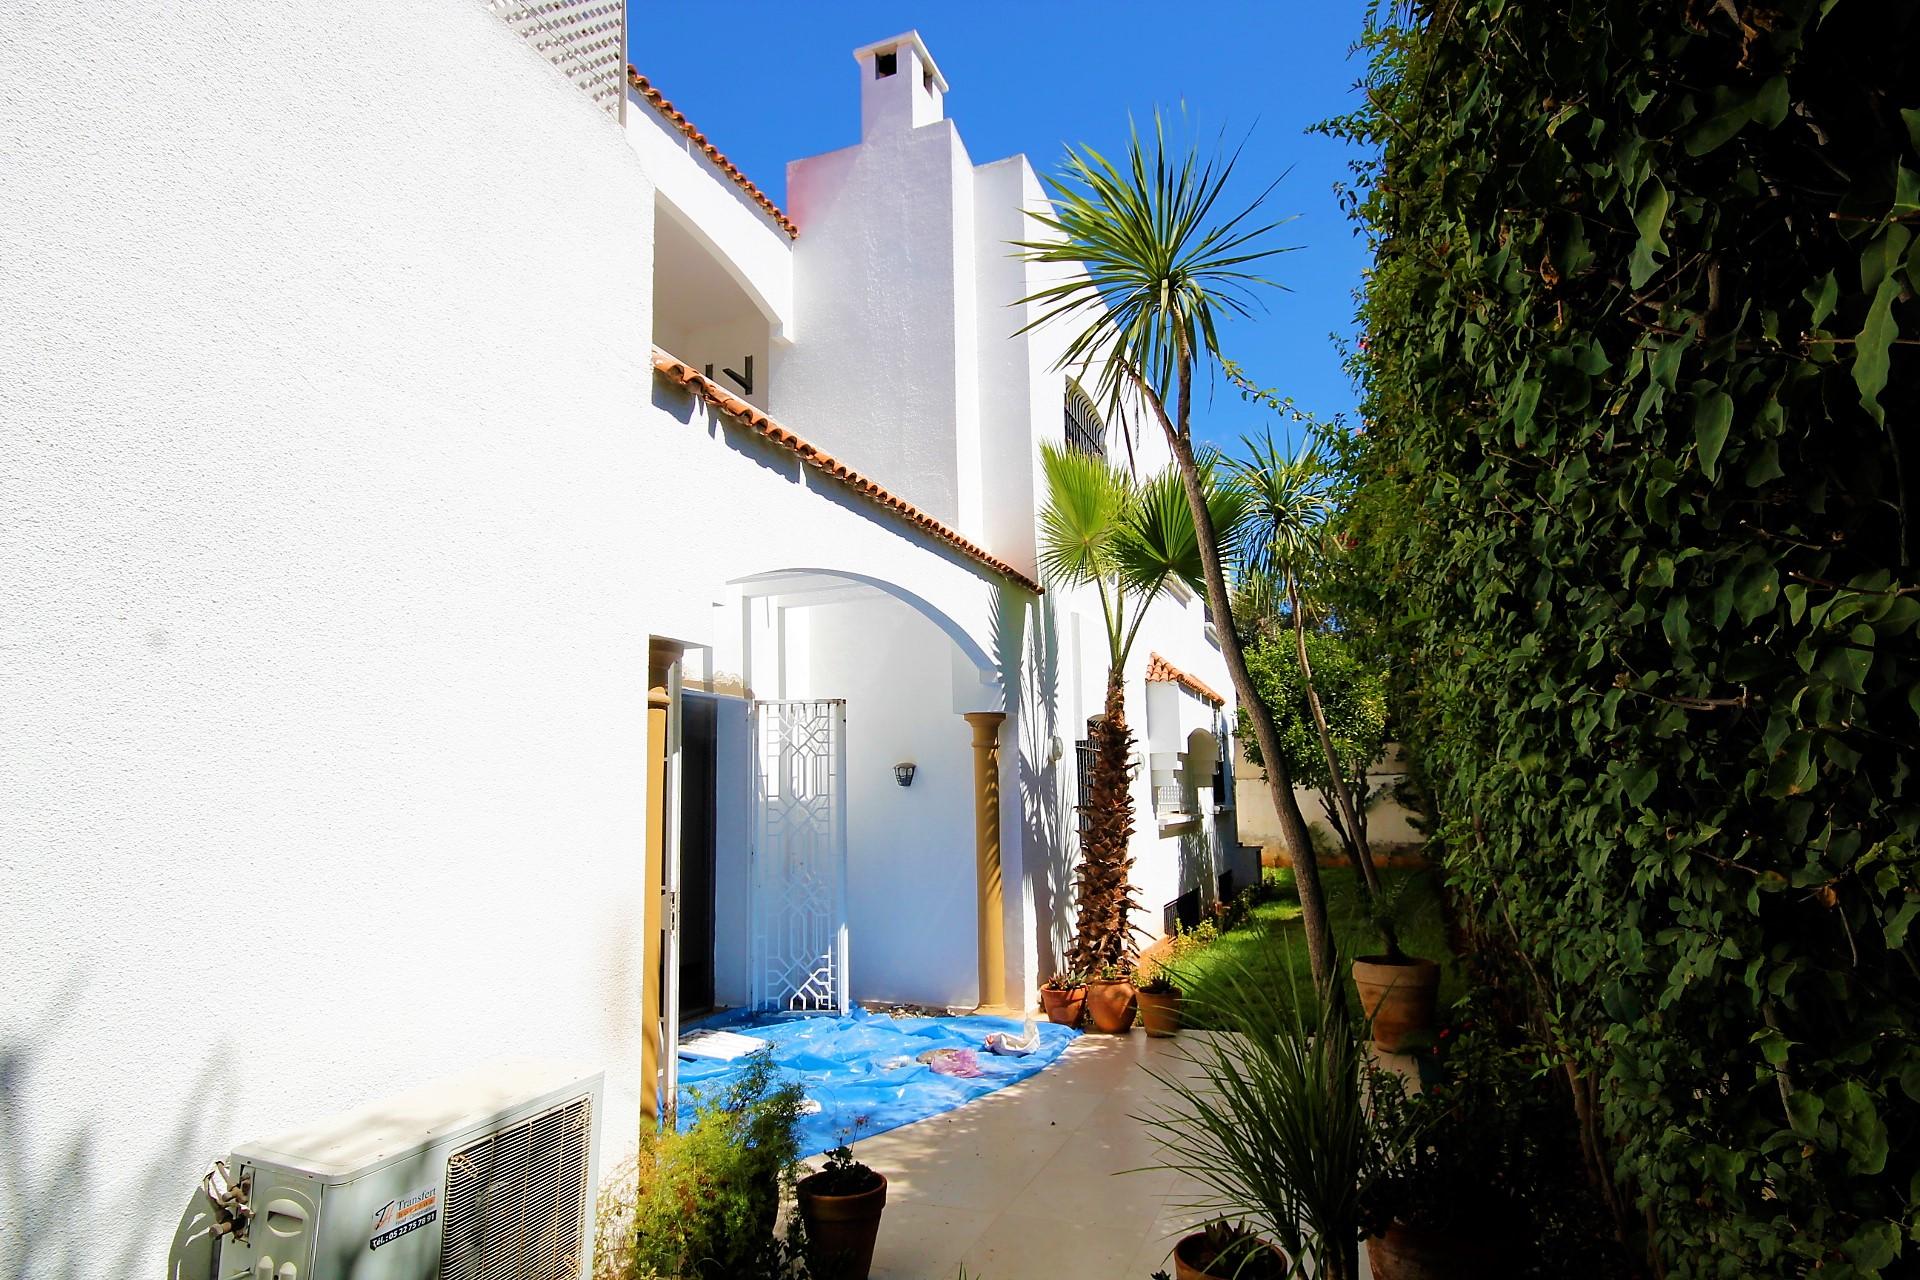 Maroc, Casablanca, CIL centre, loue coquette villa rénovée de 4 ch principales implantée sur terrain de 520 m²